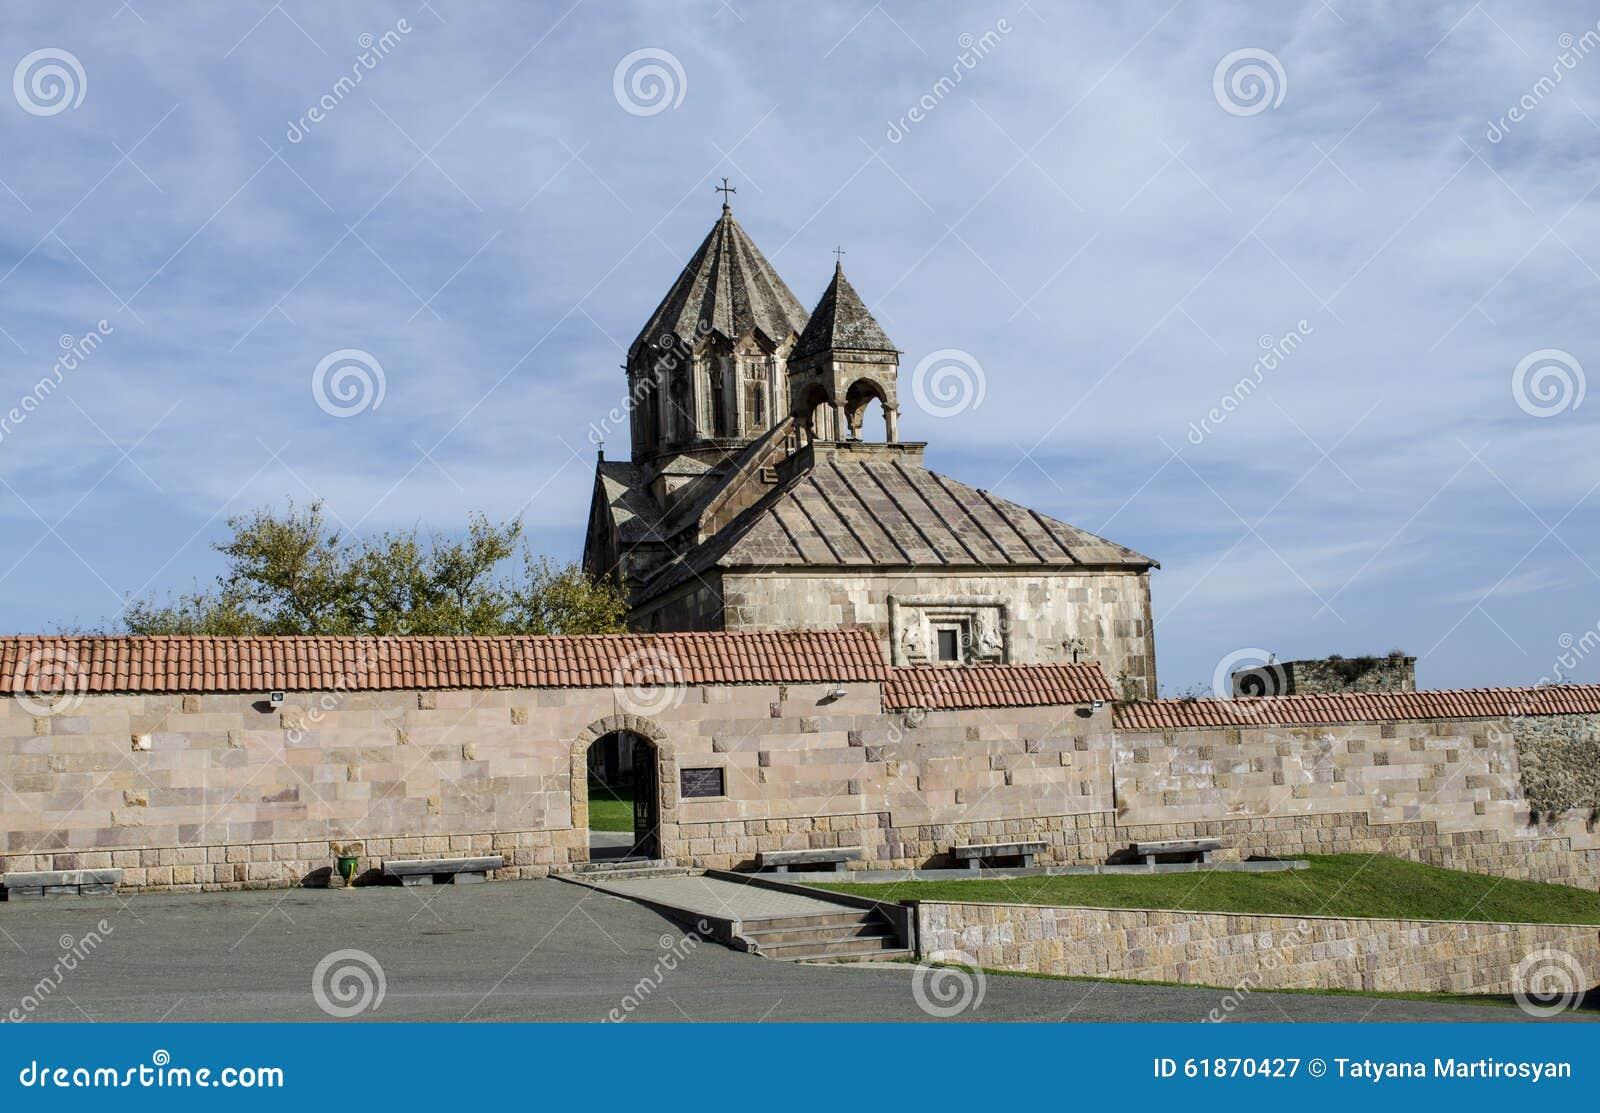 Ingang aan de binnenplaats het klooster van stjohn doopsgezind redactionele fotografie - Ingang van het hedendaagse huis ...